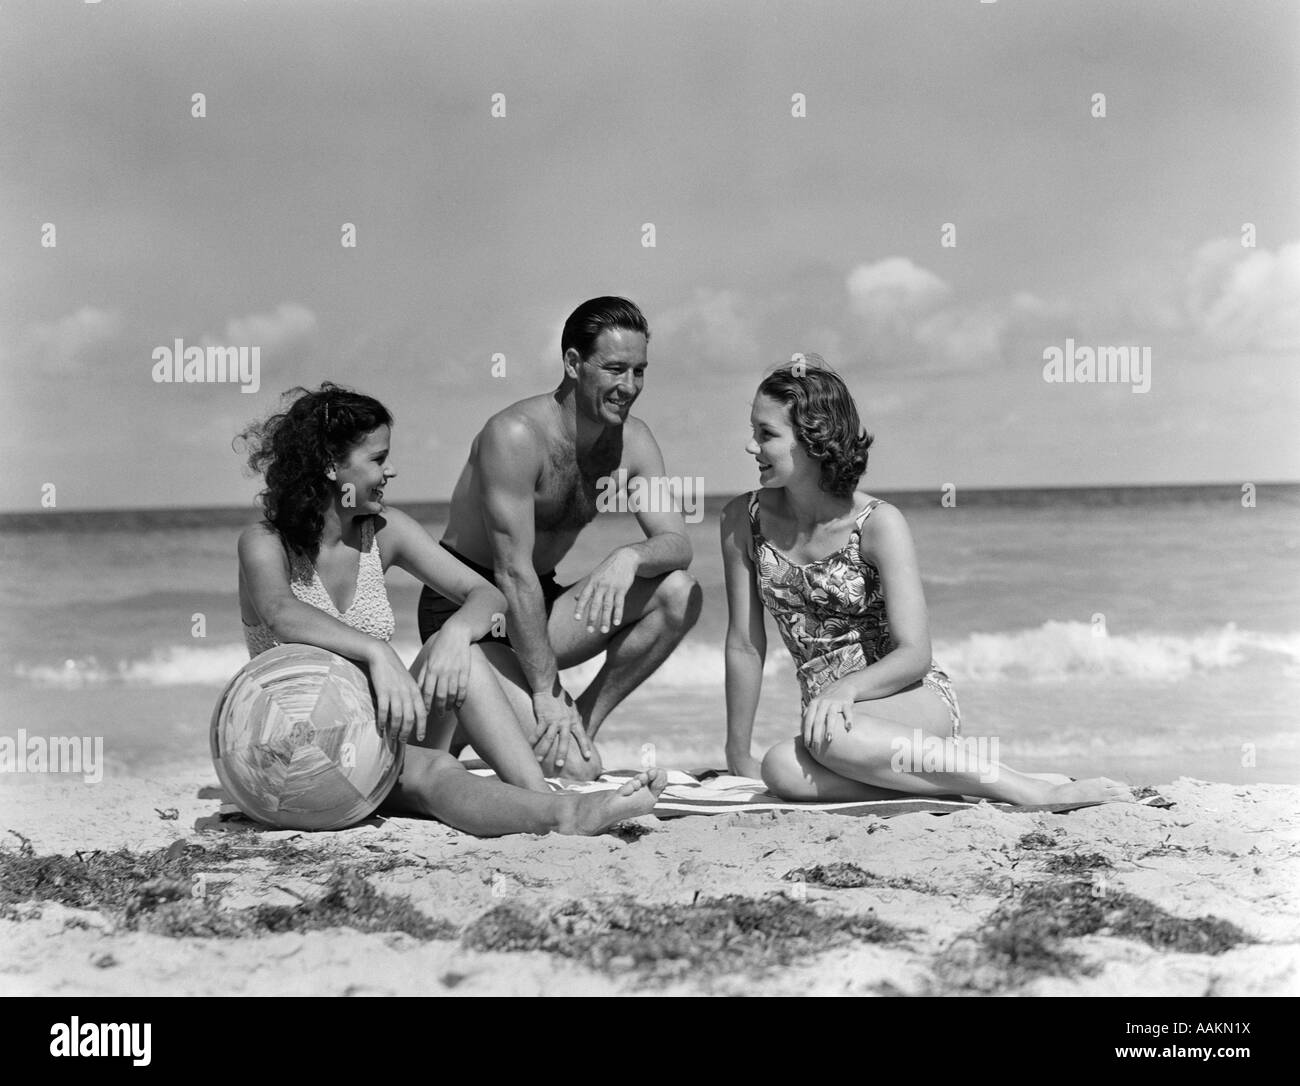 Männer suchen frauen pompano beach